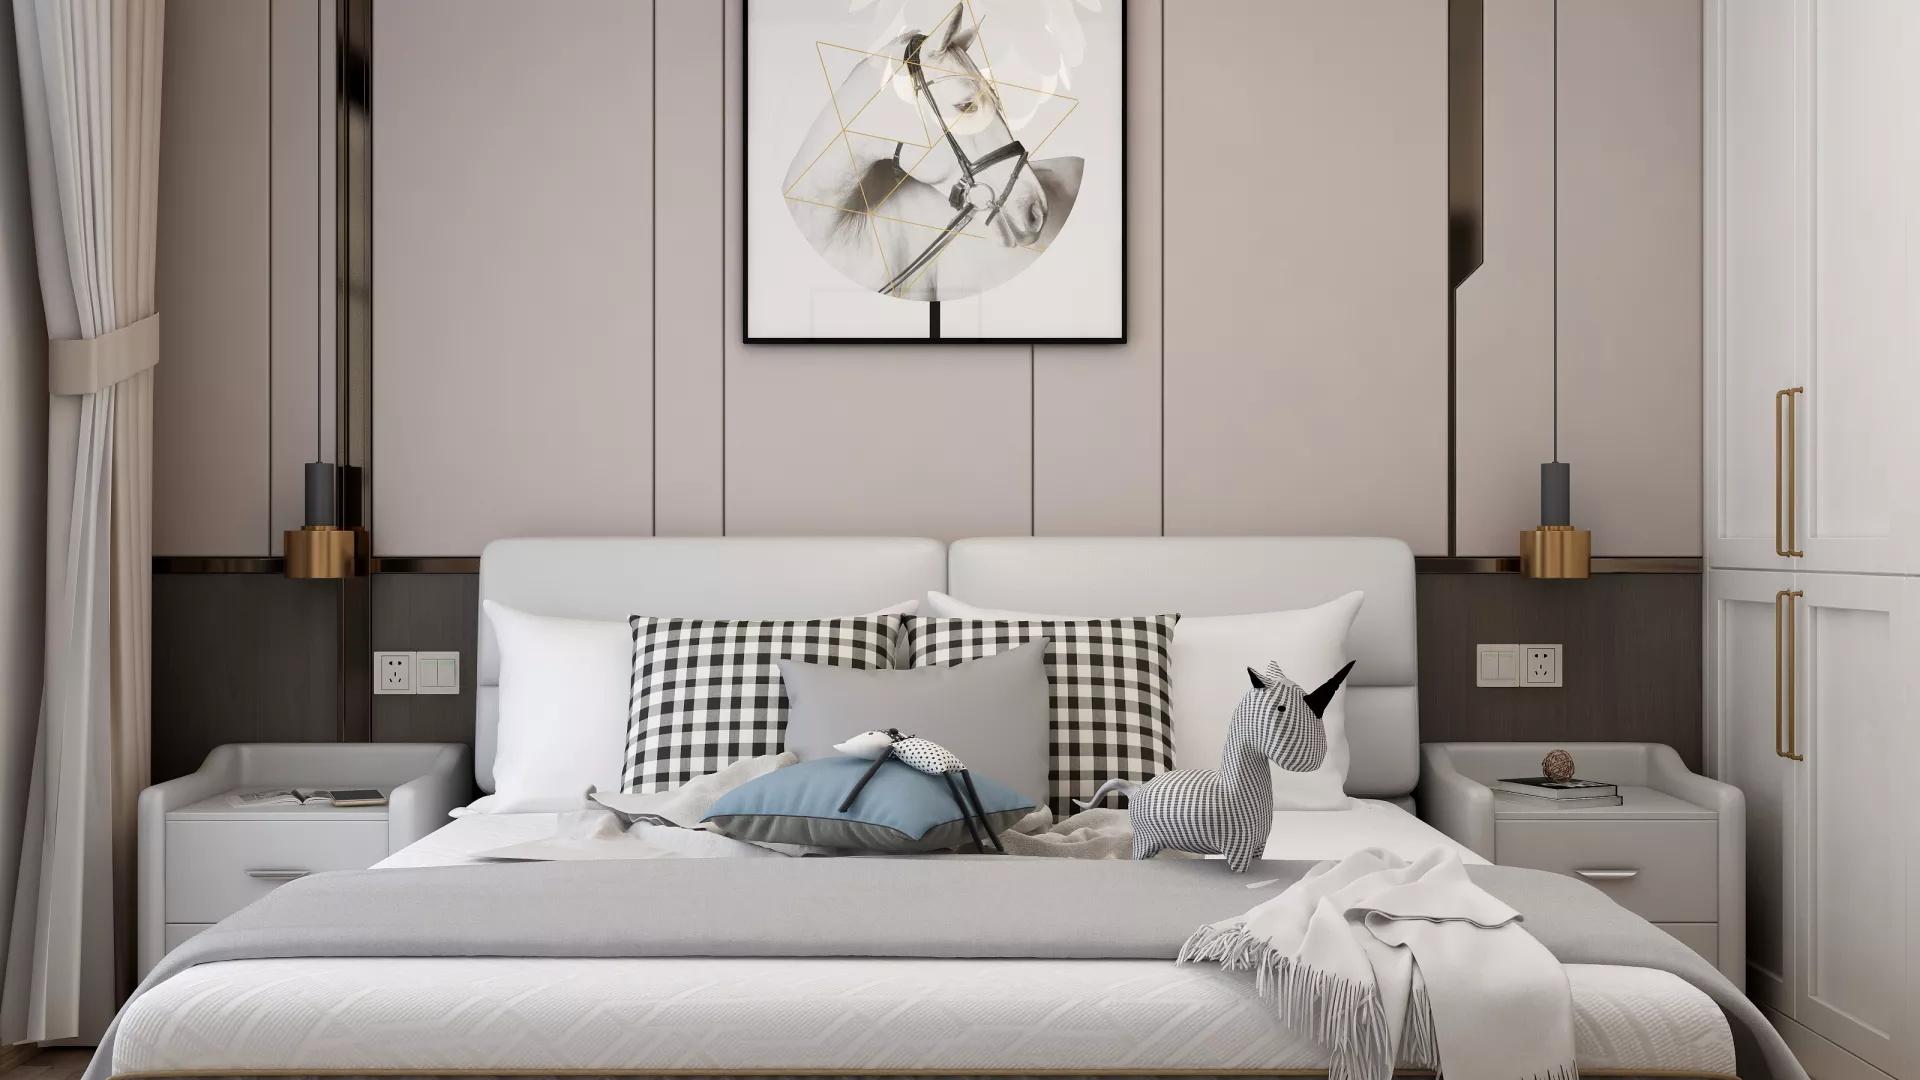 优雅简约风格公寓装修设计效果图